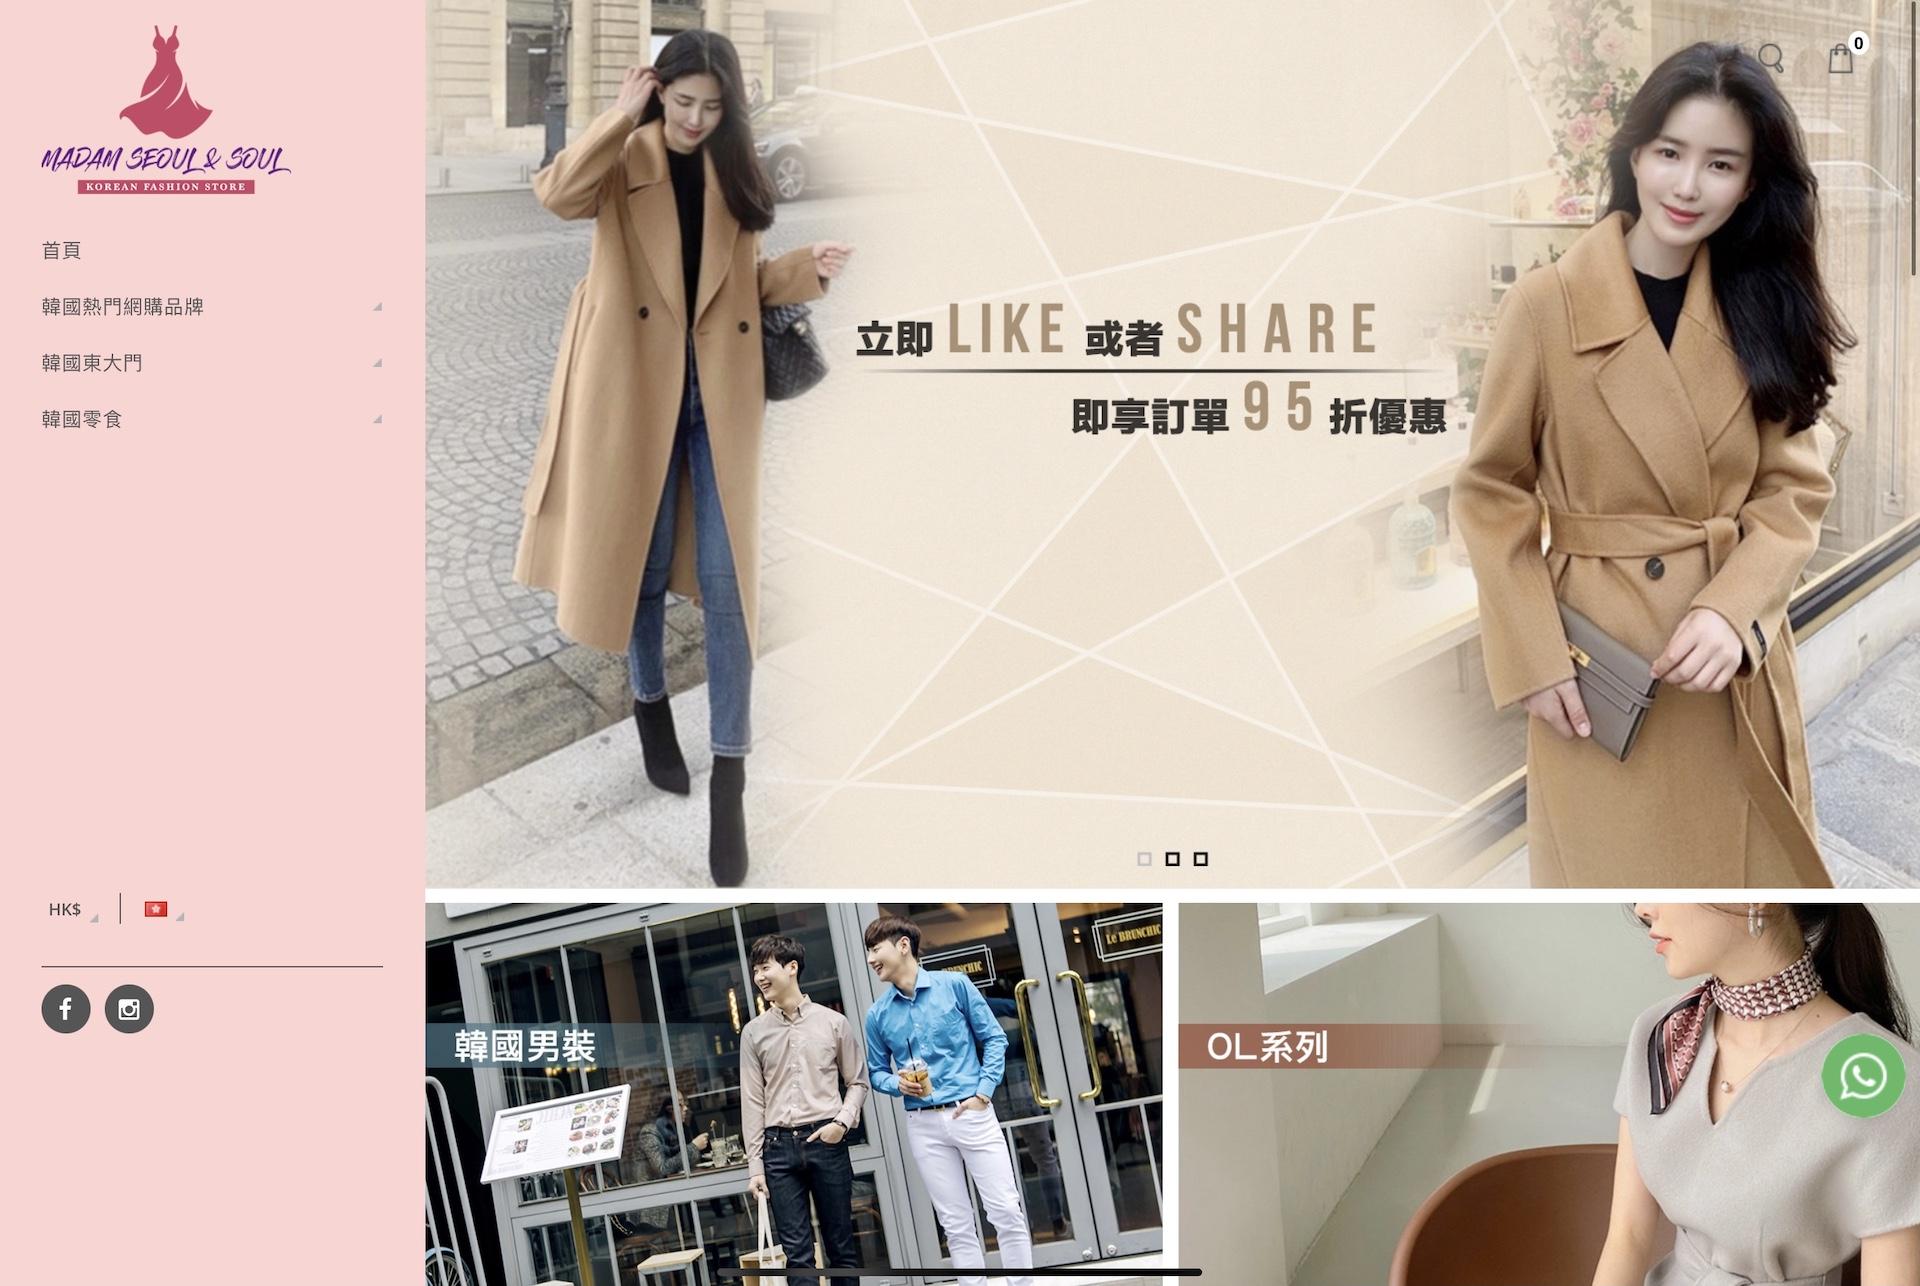 """能夠做自己喜歡的事業,開一間網上韓國時裝店"""" Madam Seoul& Soul""""是我的夢想和目標!"""